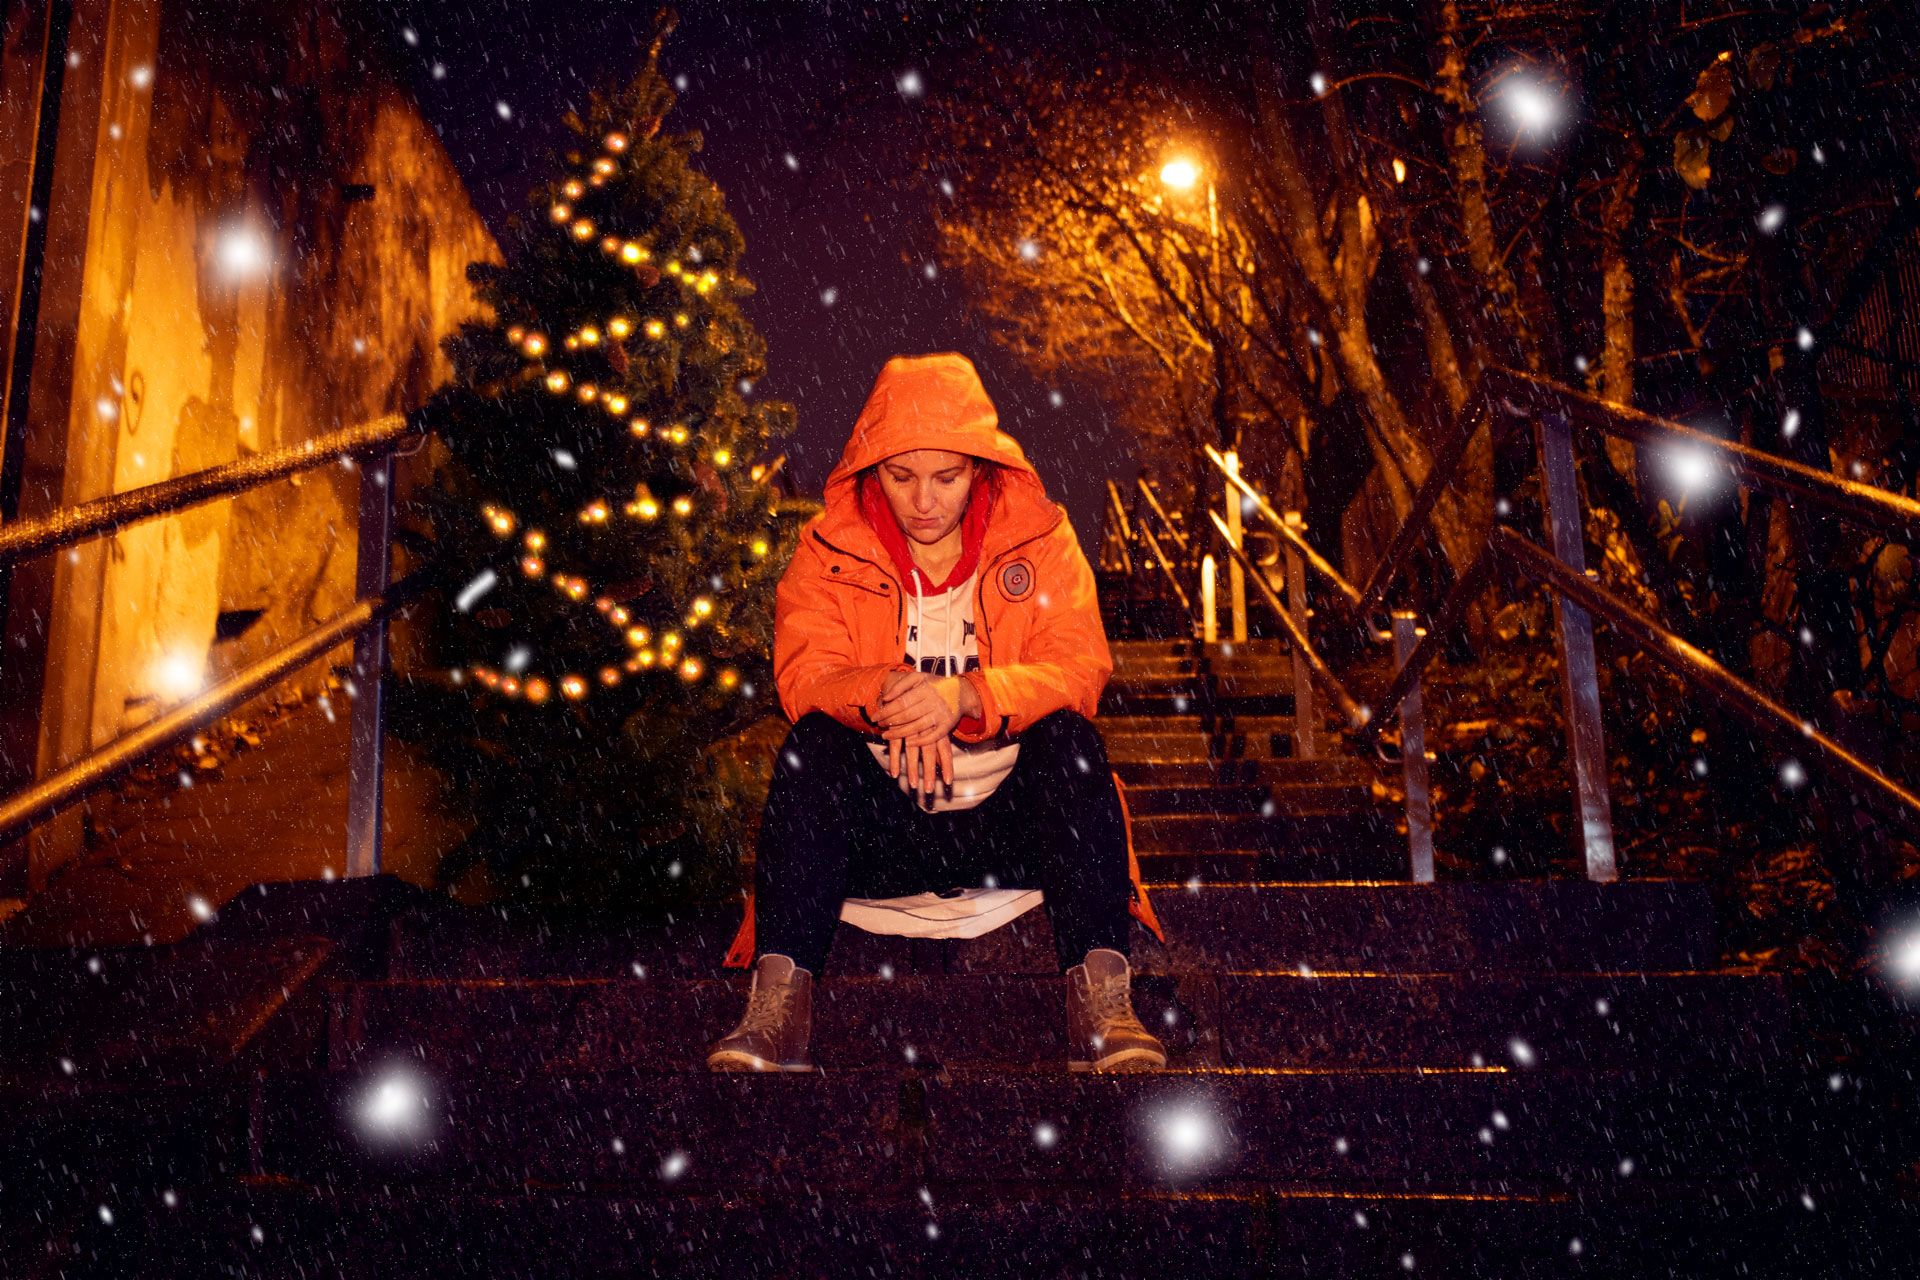 Nuori istuu betoniportailla lumisateessa, taustalla näkyy joulukuusi.